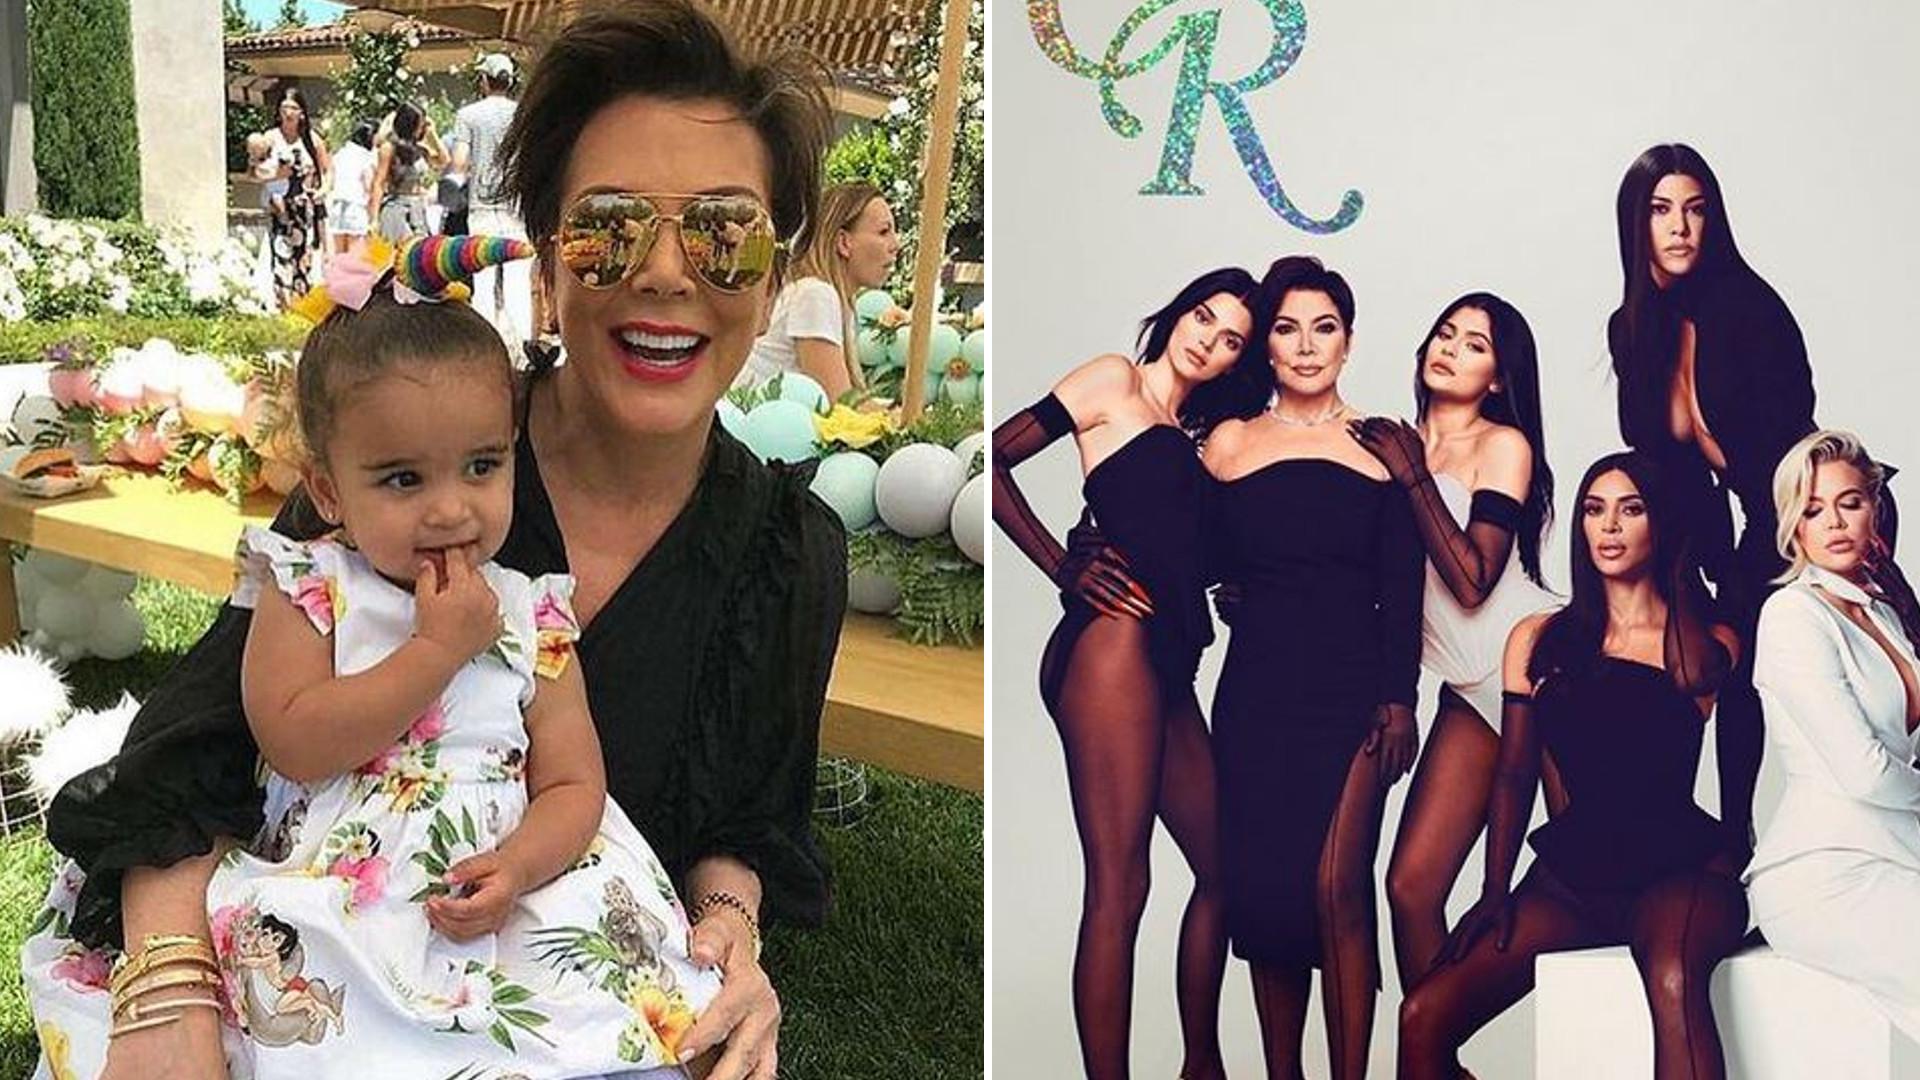 Kris Jenner powiedziała, która z córek urodzi jej kolejnego WNUKA